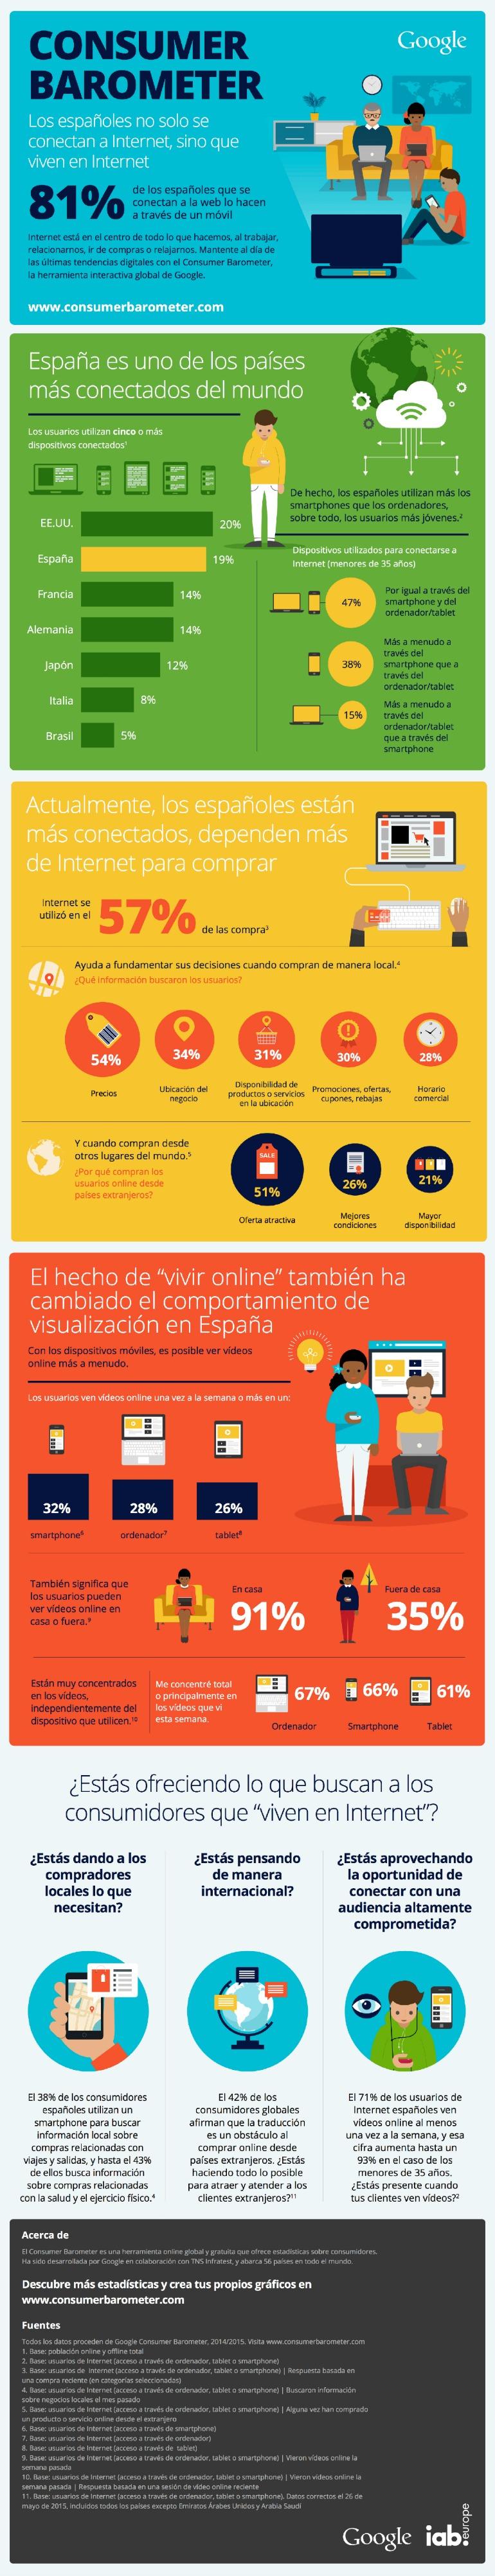 Barómetro-de-Google-sobre-los-internautas-españoles